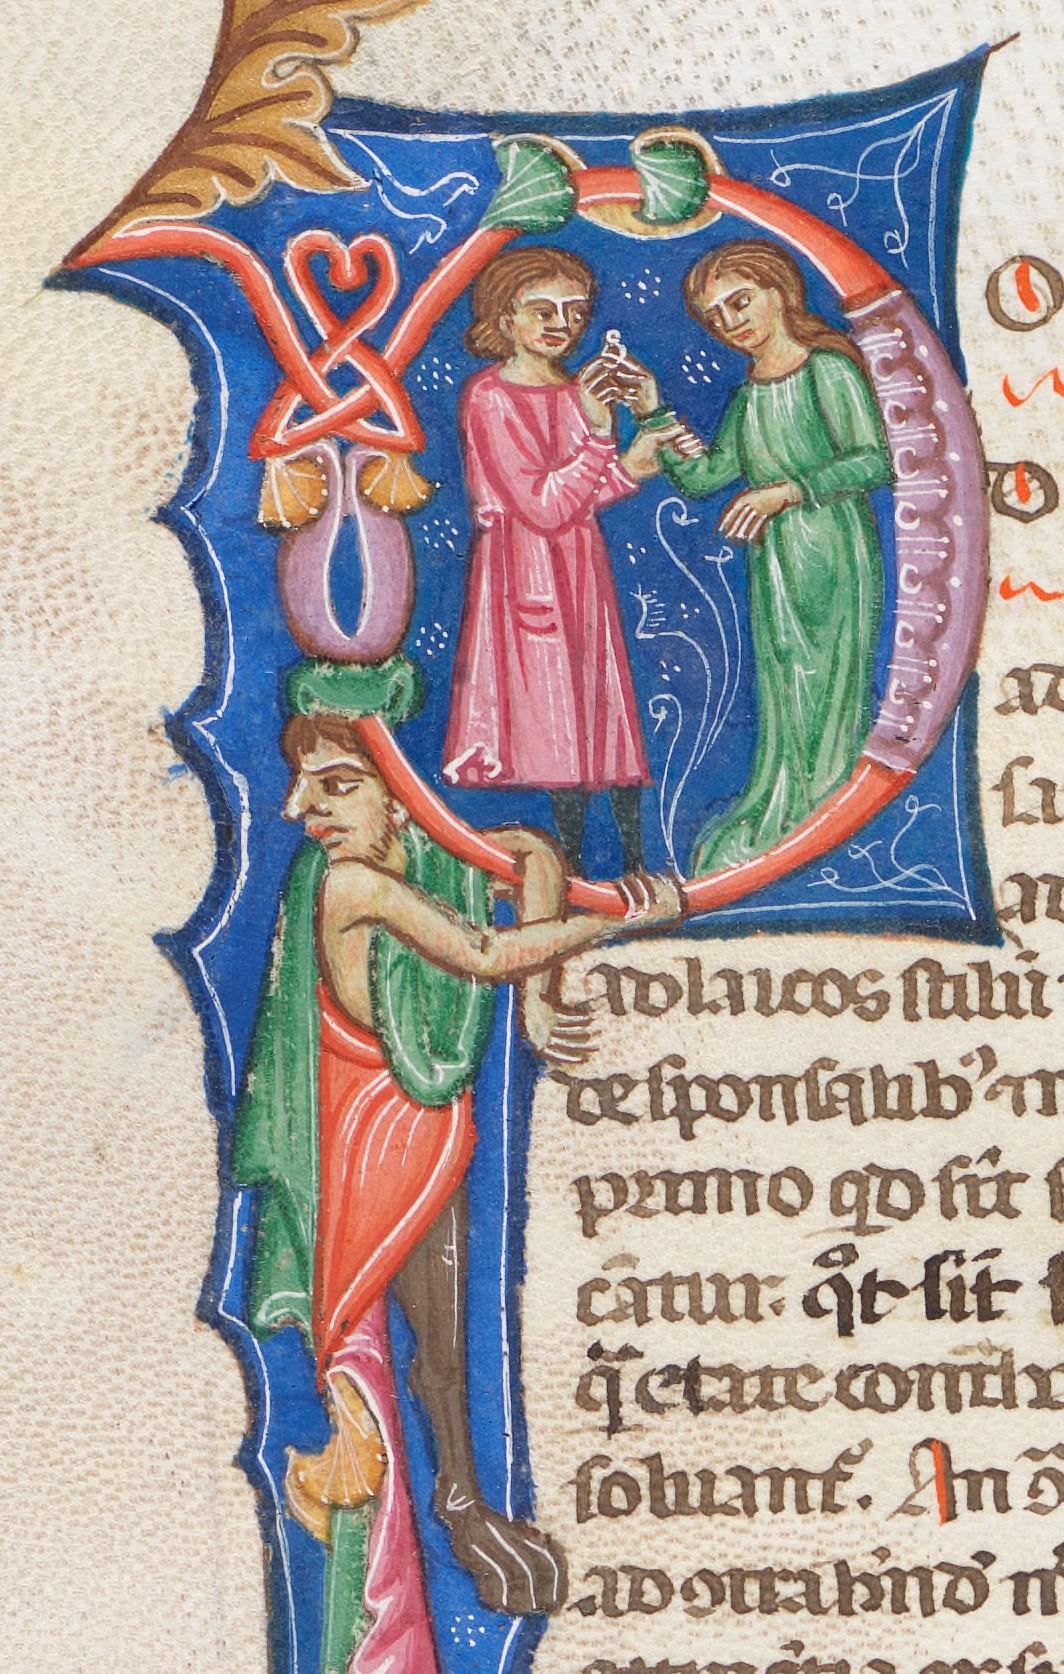 Goffredus Tranensis, Summa super titulis Decretalium